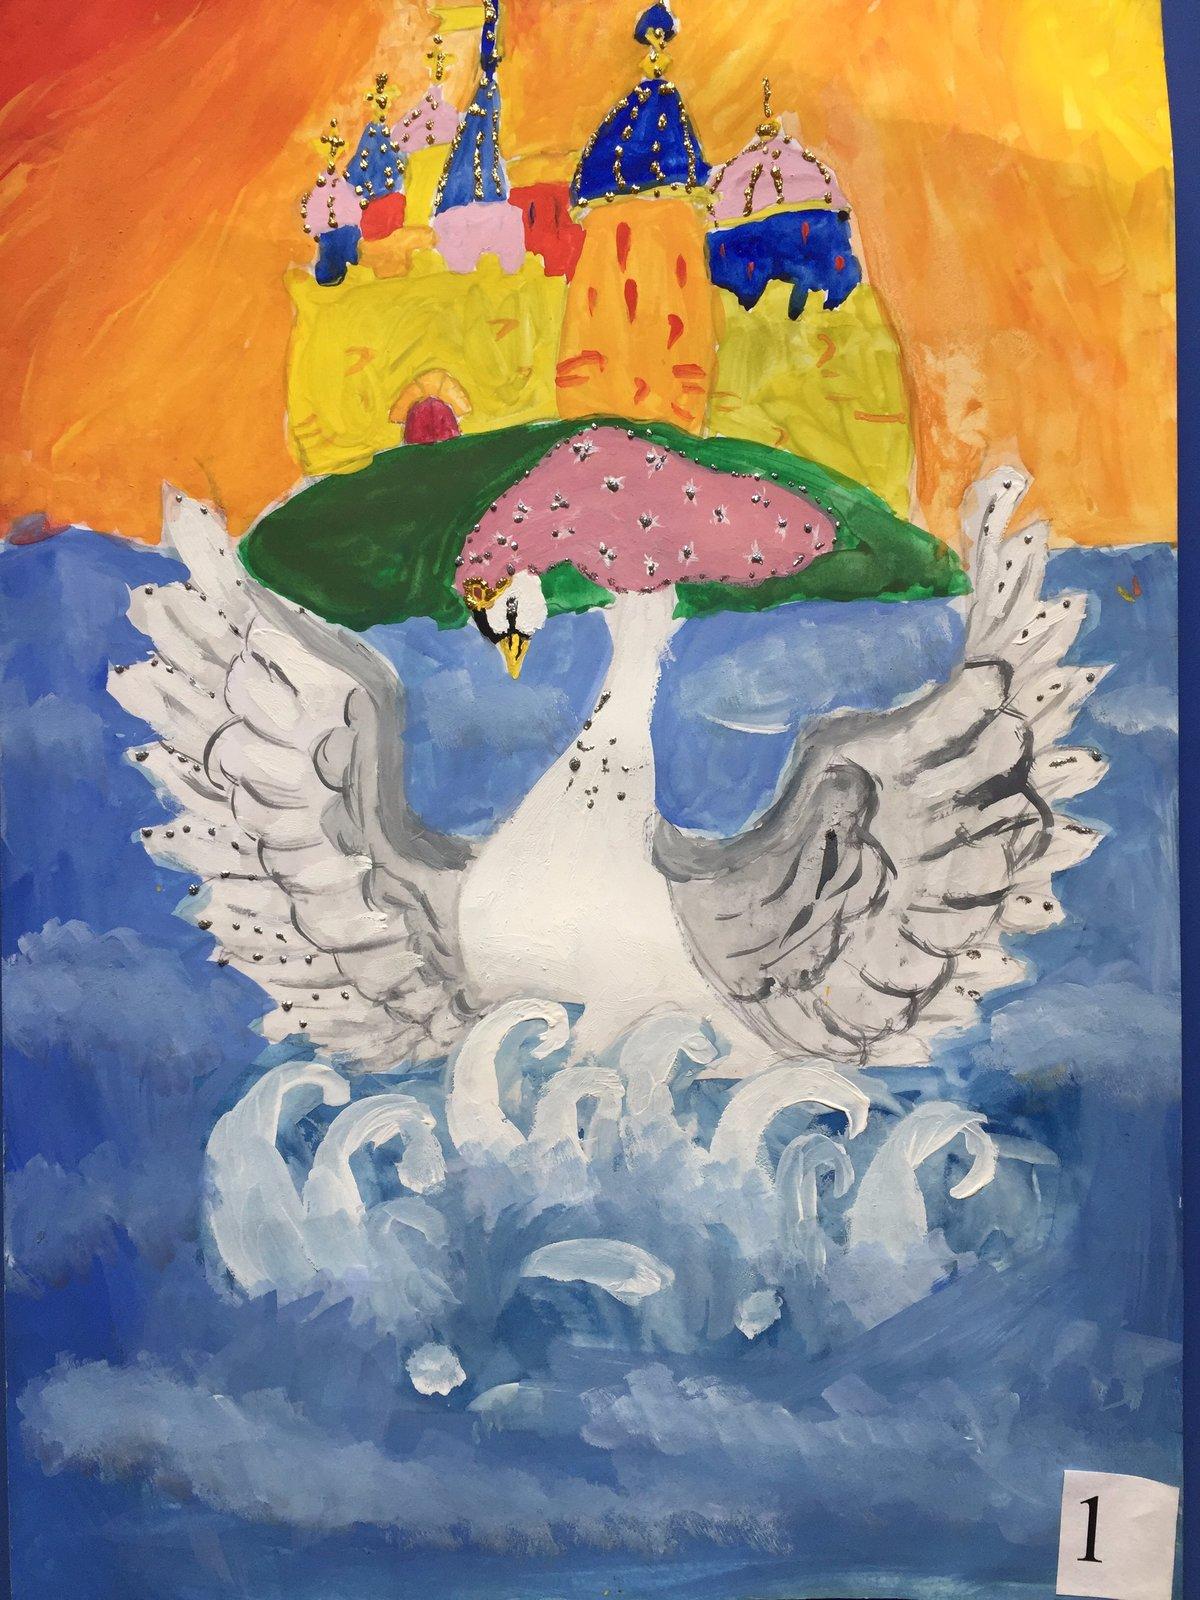 вулкана рисуем картинки к сказкам ней равнодушна, игра